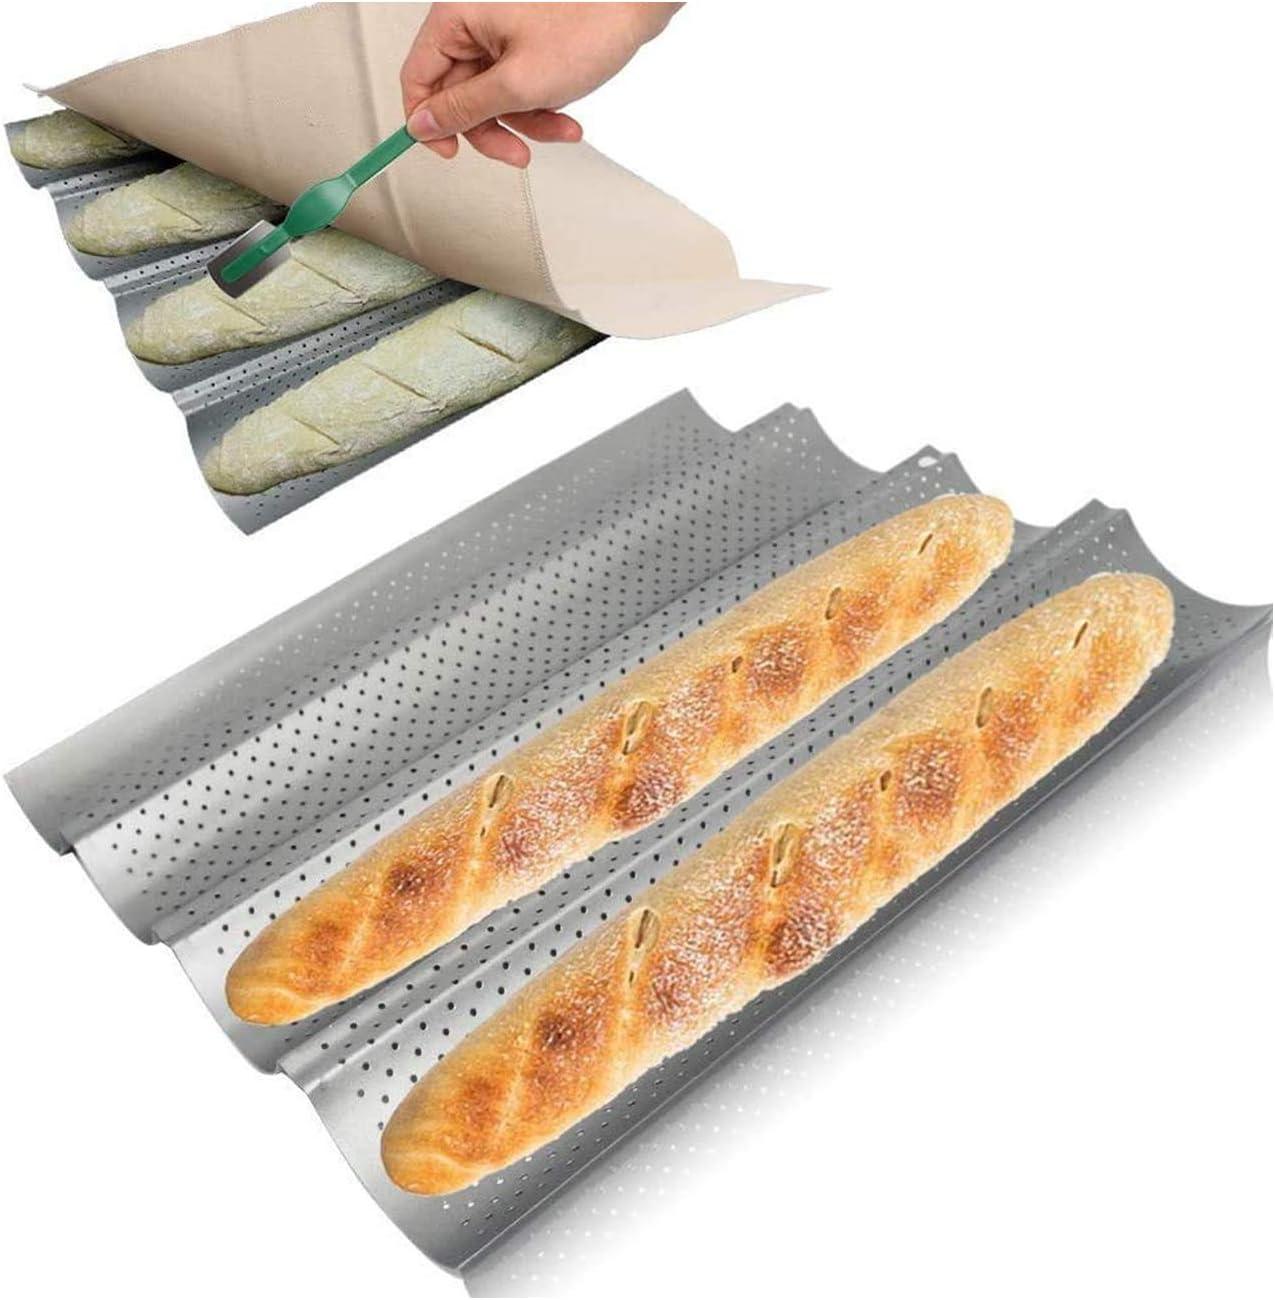 38 x 33 cm con cuchillo de panadero y lino para 4 baguettes HOTOOLME Molde para baguette antiadherente de acero inoxidable